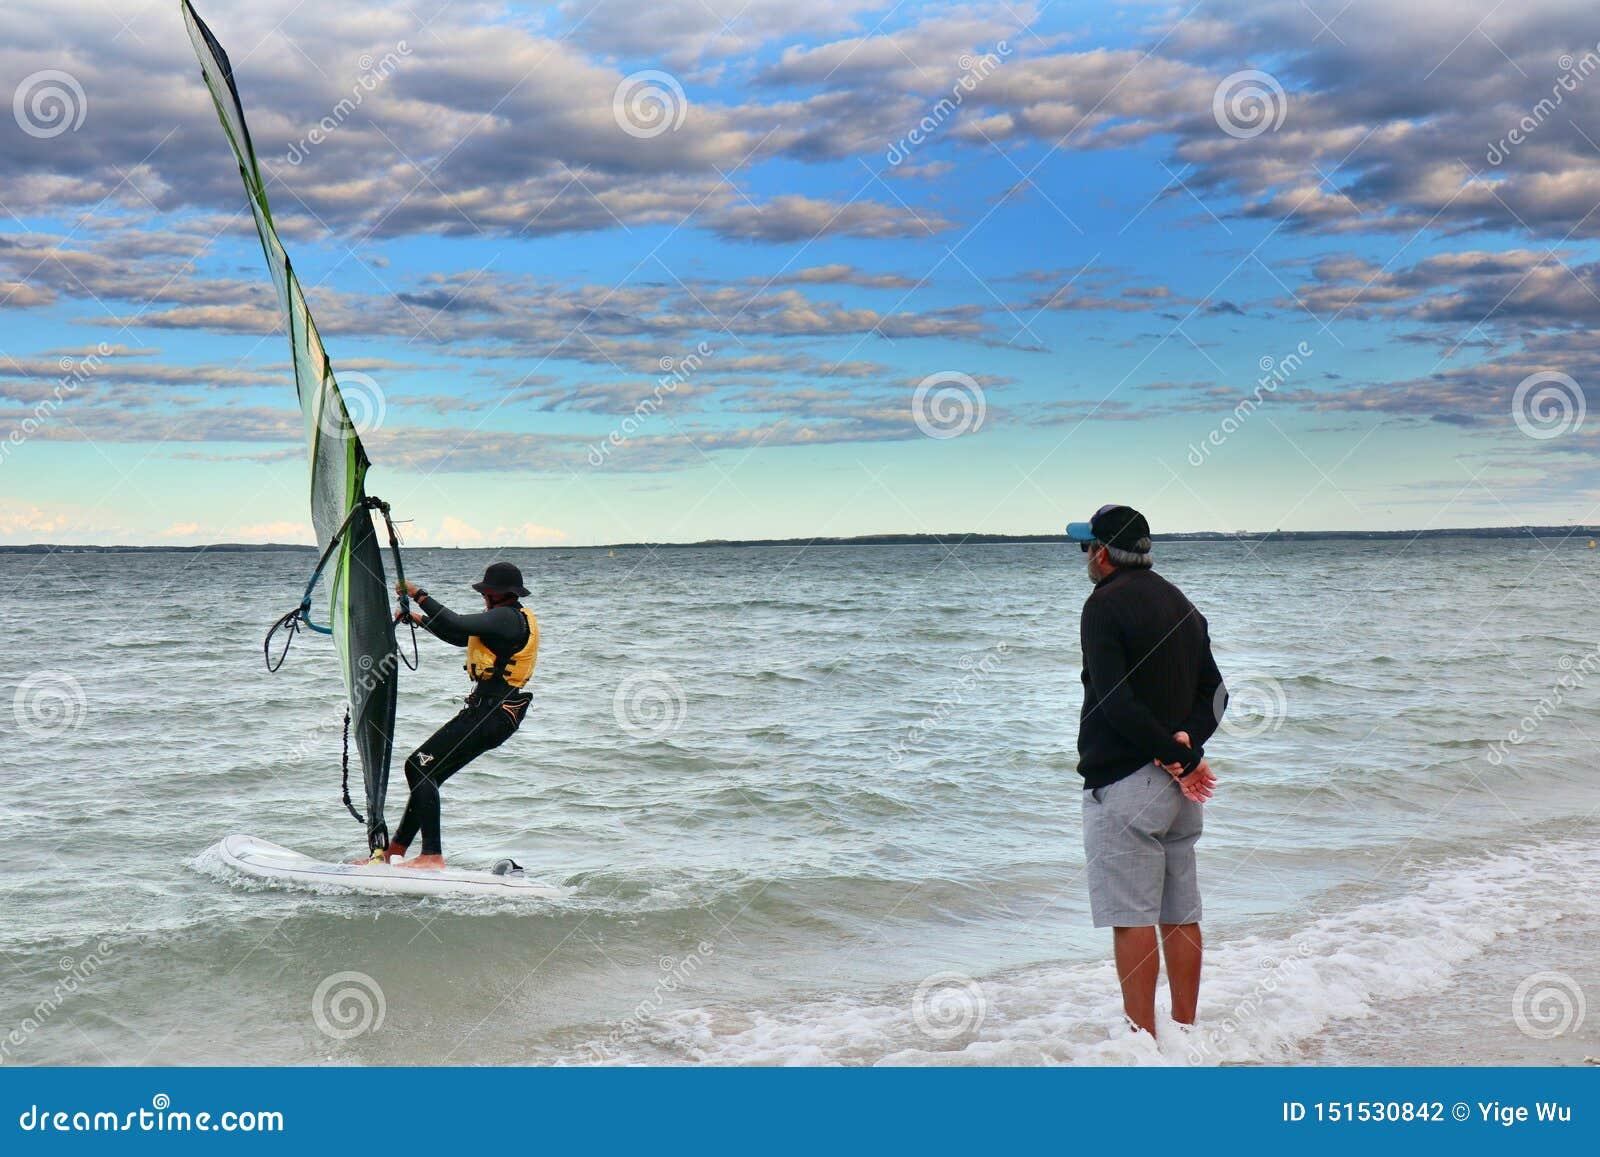 Erhellen Sie Le Sands Strand-D, den Sportsegler ausbilden